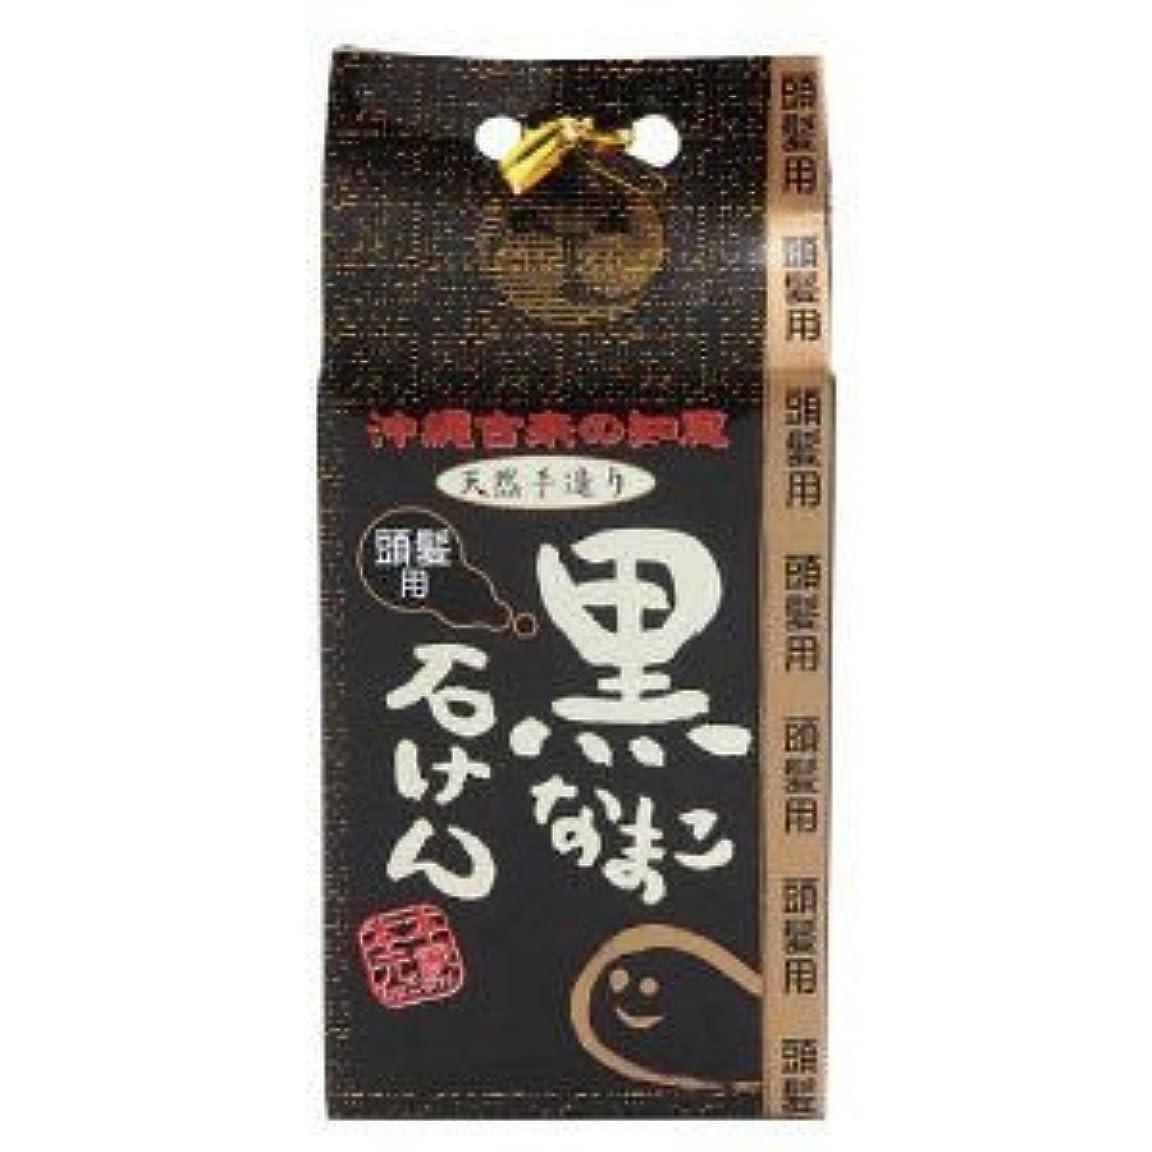 ソーダ水固執カップル黒なまこ石けん 90g  2個セット ※素材のひとつひとつにこだわった石鹸シャンプーです。